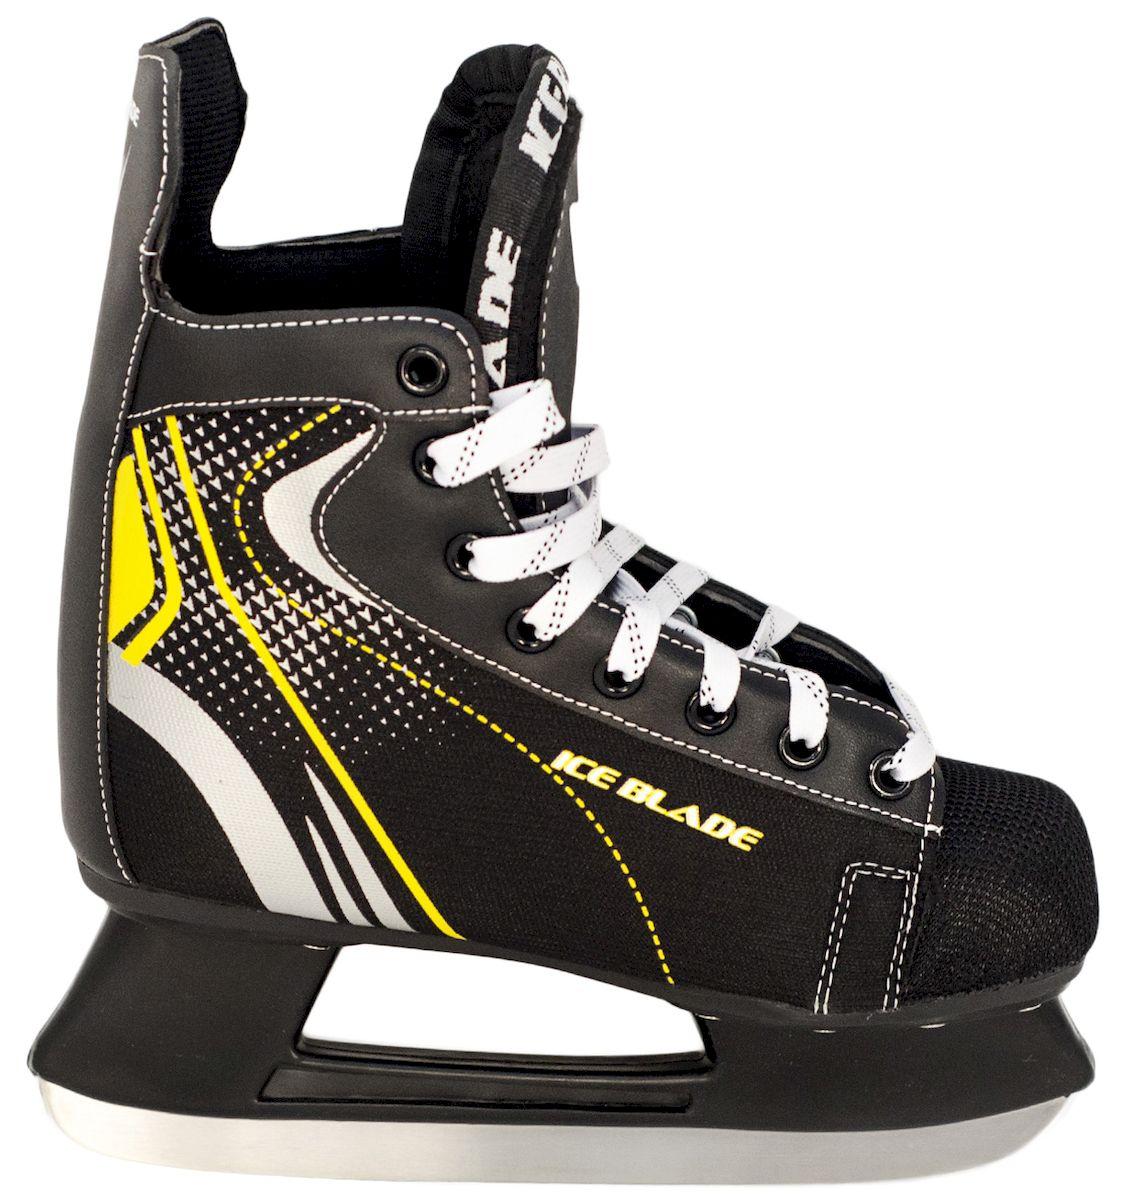 Коньки хоккейные Ice Blade Shark, цвет: черный, желтый. УТ-00006841. Размер 36УТ-00006841Коньки хоккейные Shark имеют модный яркий дизайн, поэтому данная модель очень популярна у любителей хоккея.Ботинок выполнен из искусственной кожи, высокопрочной нейлоновой ткани и ударостойкого пластика. Лезвие изготовлено из высокоуглеродистой стали с покрытием из никеля, что гарантирует прочность и долговечность. В качестве внутренней отделки используется вельветин с утеплителем. Коньки поставляются с заводской заточкой лезвия, что позволяет сразу приступить к катанию, не тратя время и денег на заточку. Коньки подходят для использования на открытом и закрытом льду.Удобная система фиксации ноги и улучшенная колодка сделают катание комфортным и безопасным.